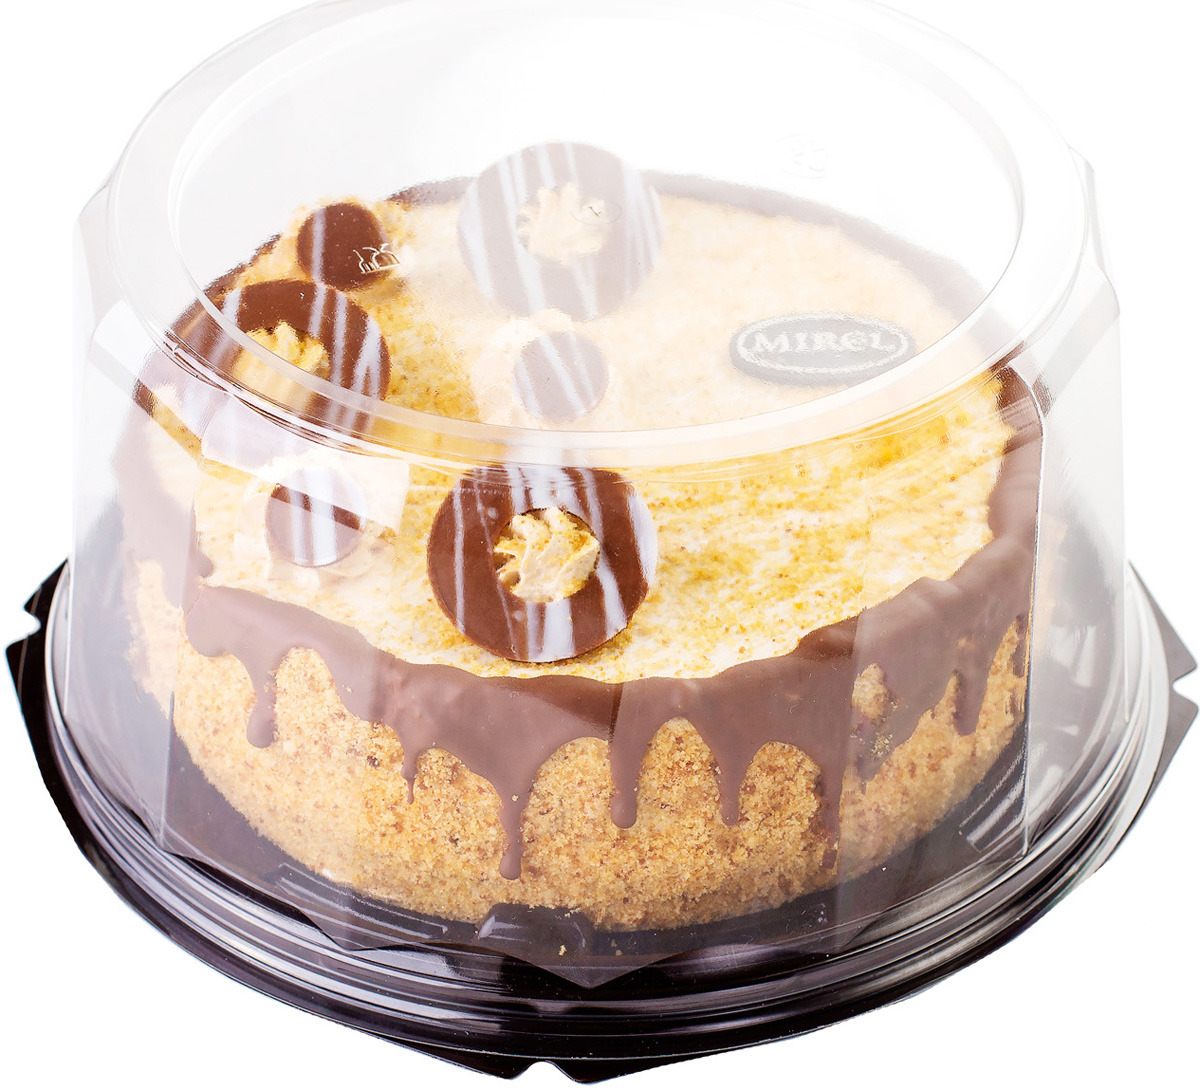 Торт бисквитный Mirel Медовый с крем-брюле, 1000 г торт marlenka медовый с какао 100 г